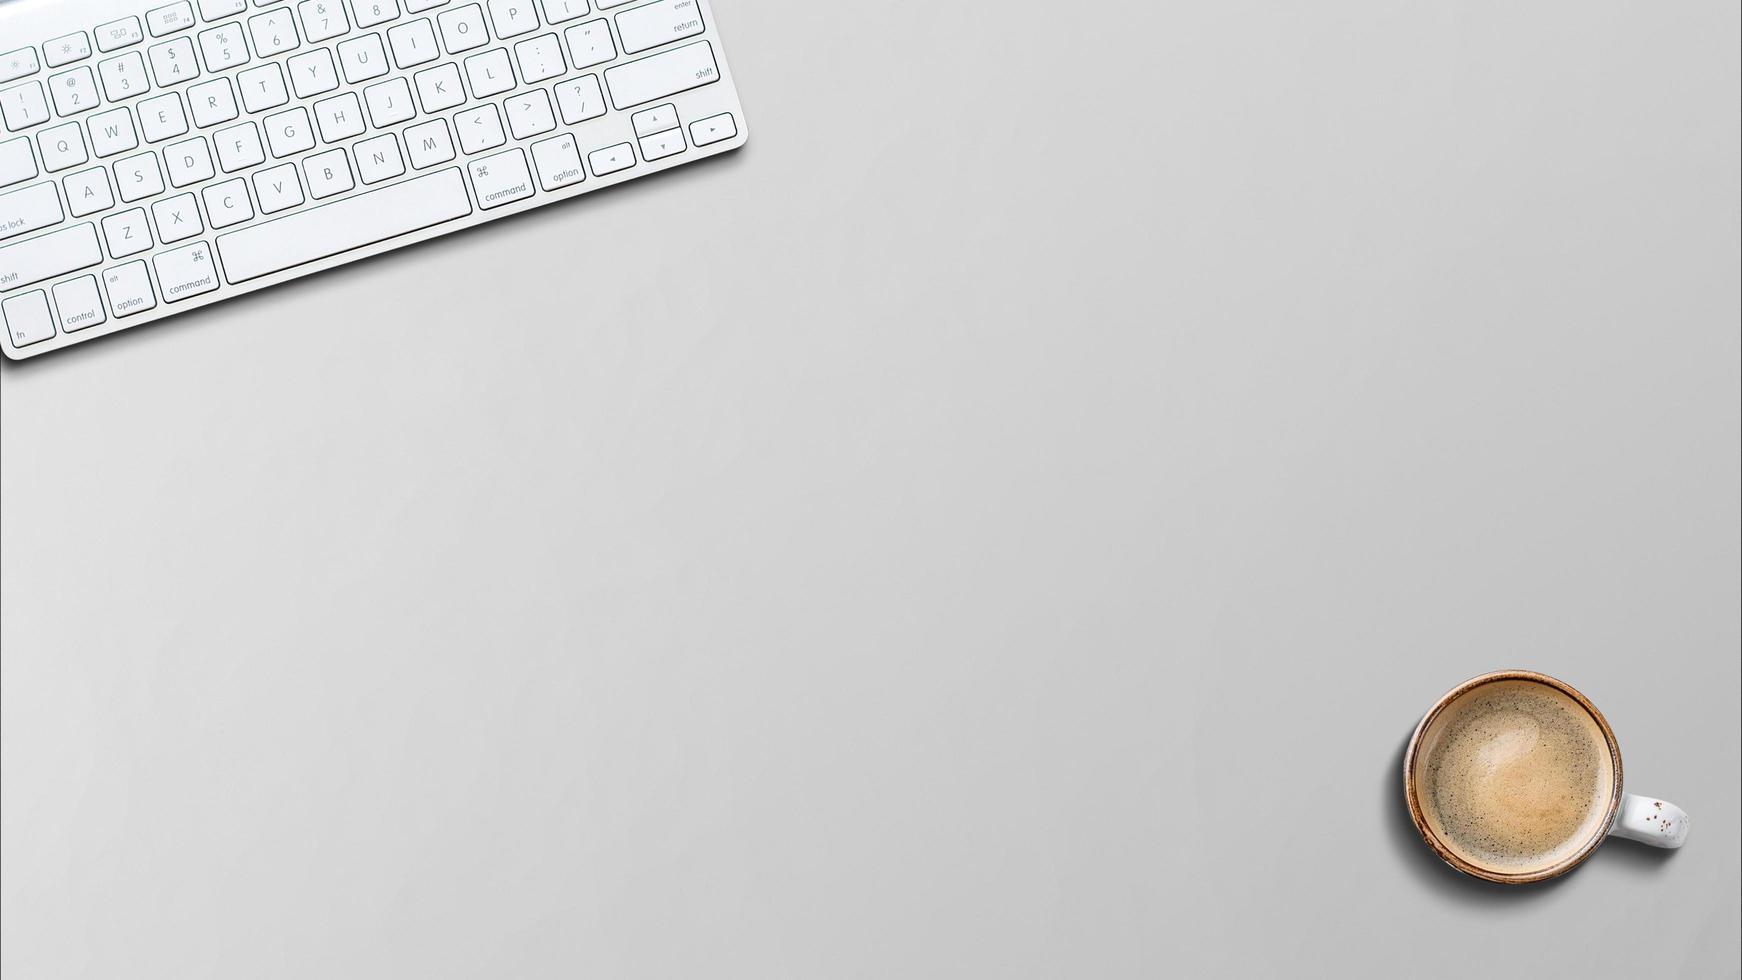 Clavier en aluminium moderne sur la table en bois au bureau avec du café sur la table photo